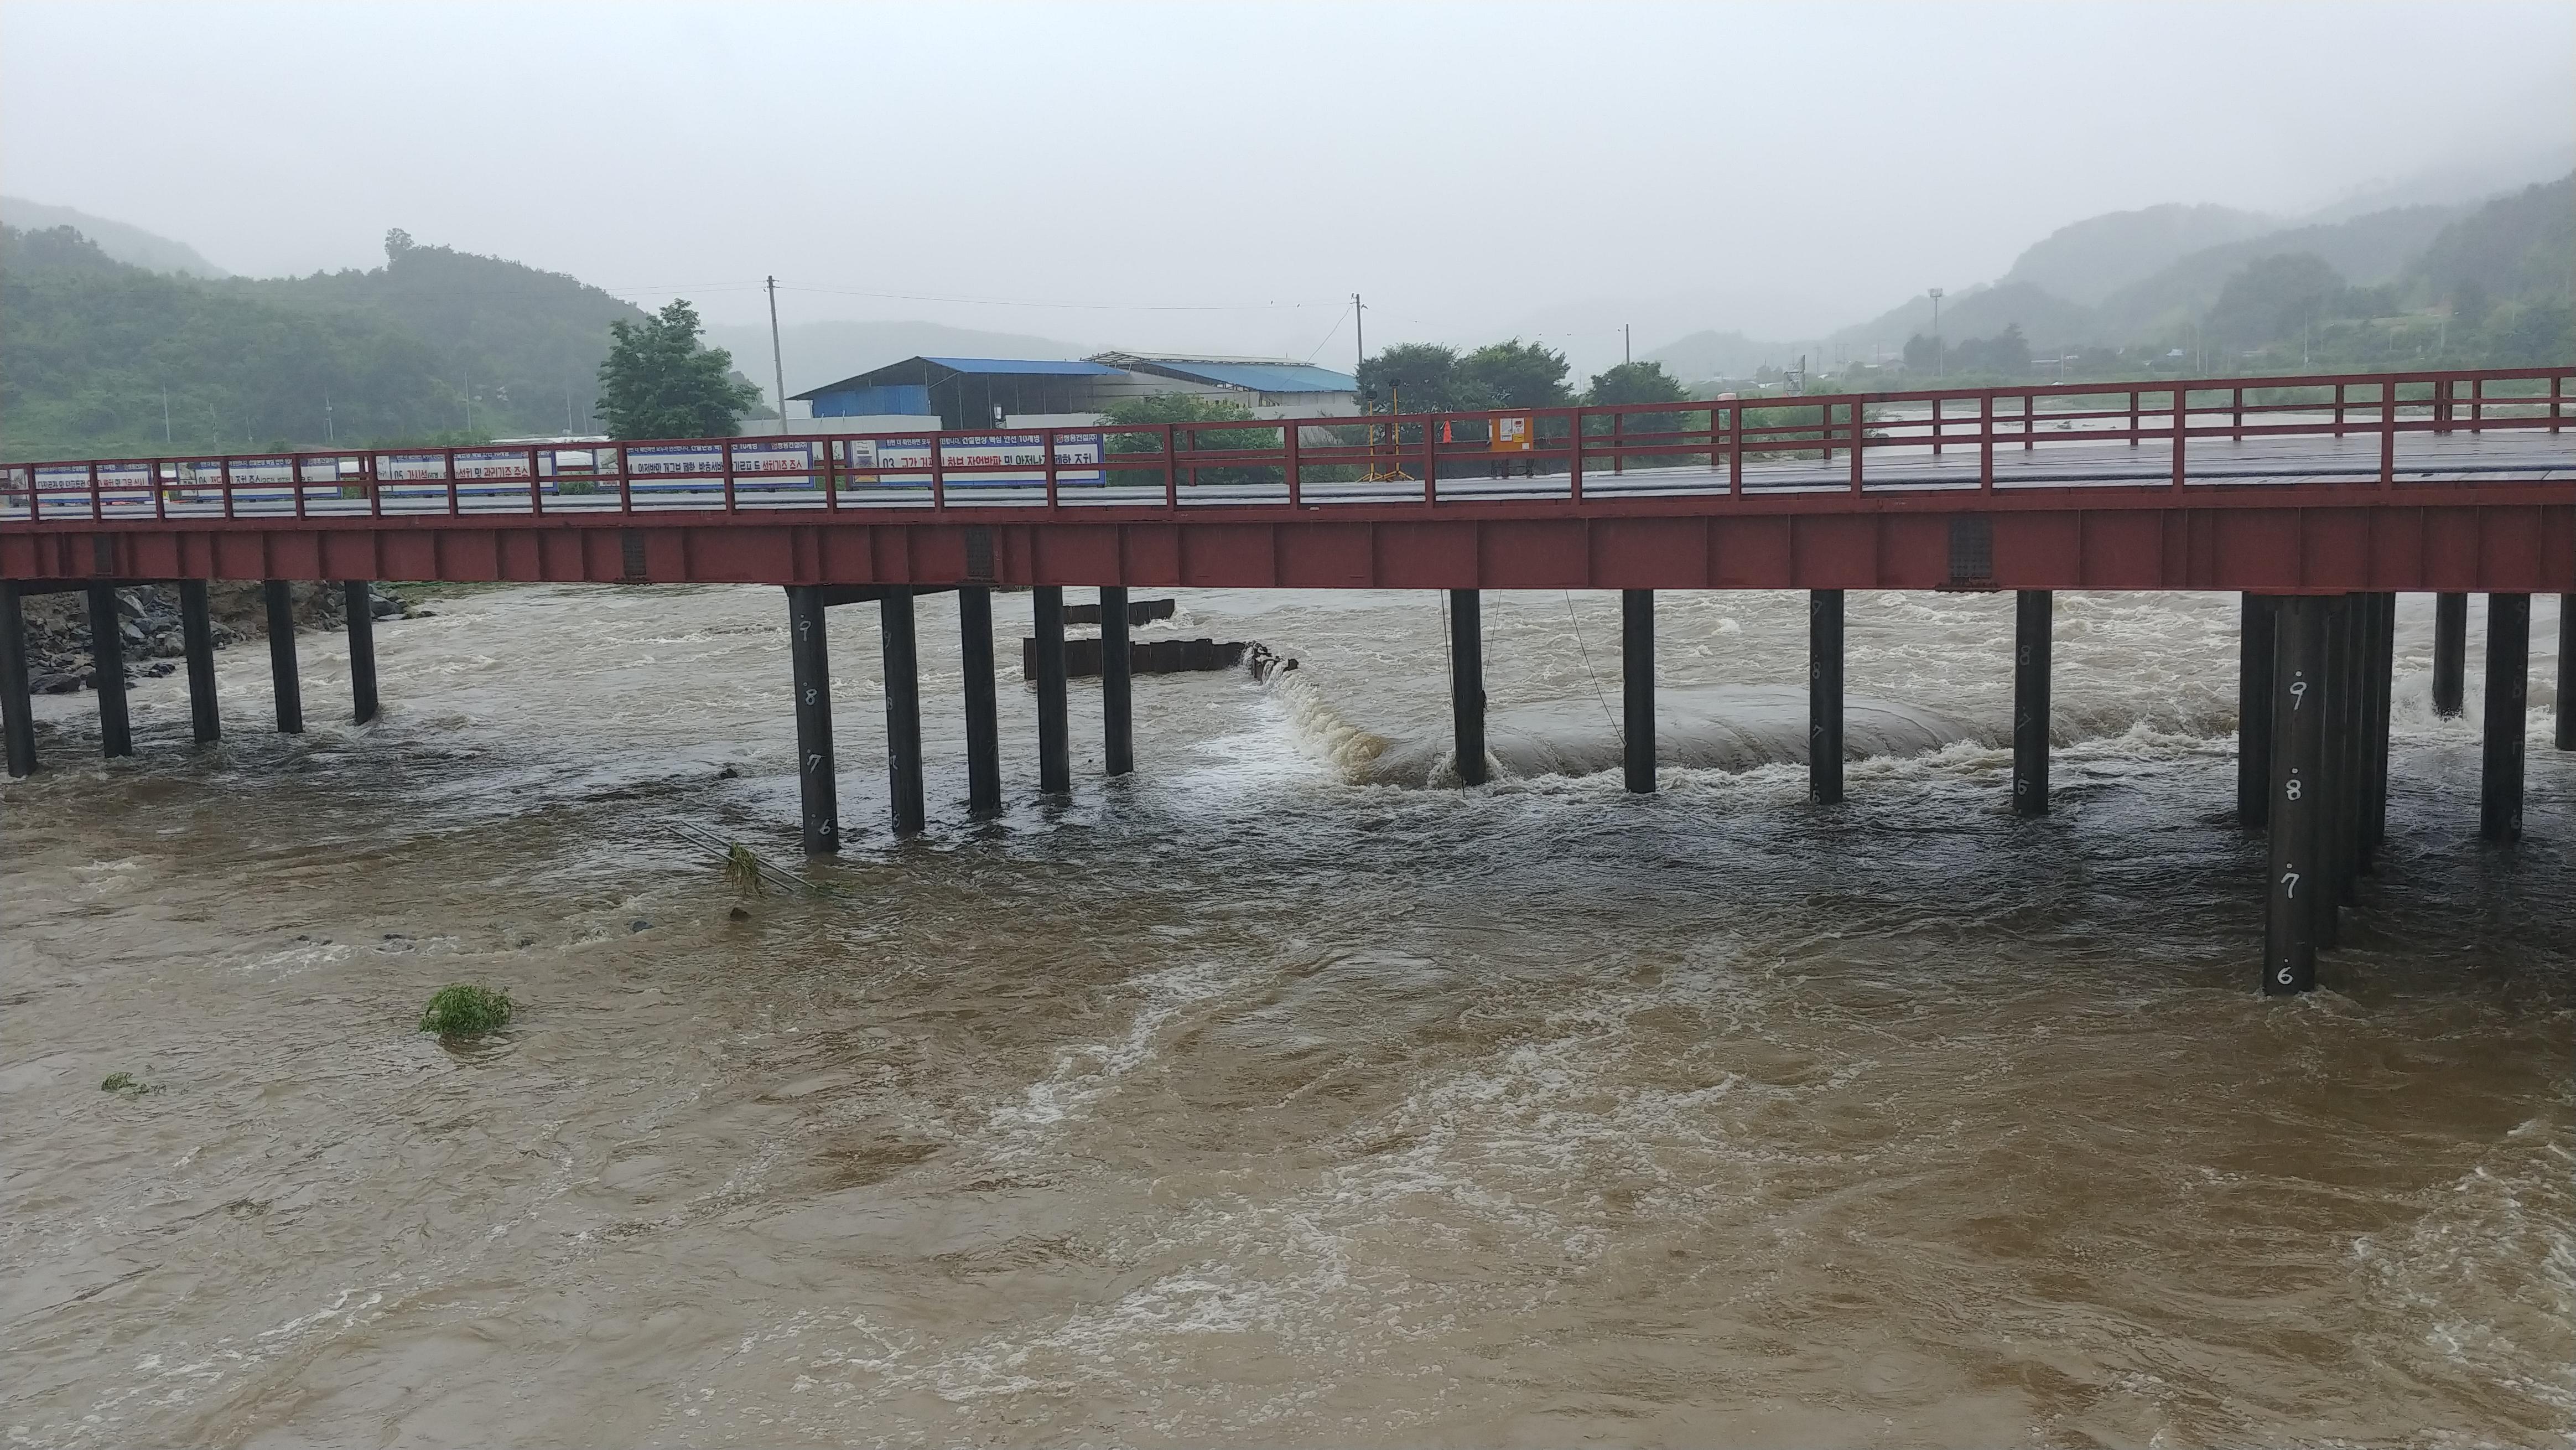 [행복찾기] 함양에 내린 폭우, 불어난 하천물에 급류에 휩쓸려 2명의 목숨을 앗아간 안타까운 사고 발생